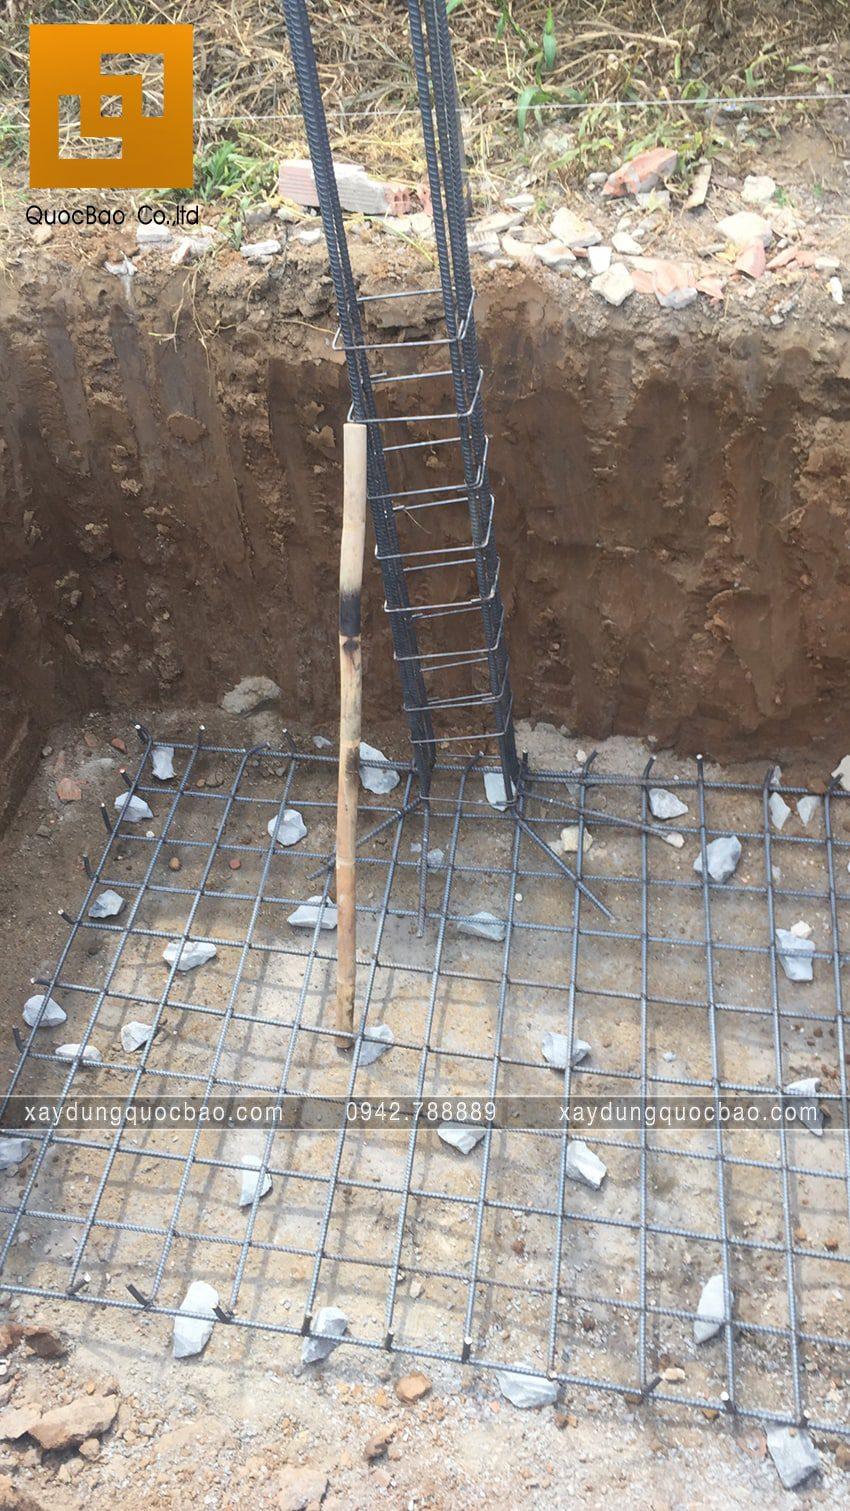 Khởi công nhà 3 tầng tại Bình Dương của gia đình anh Minh - Ảnh 9